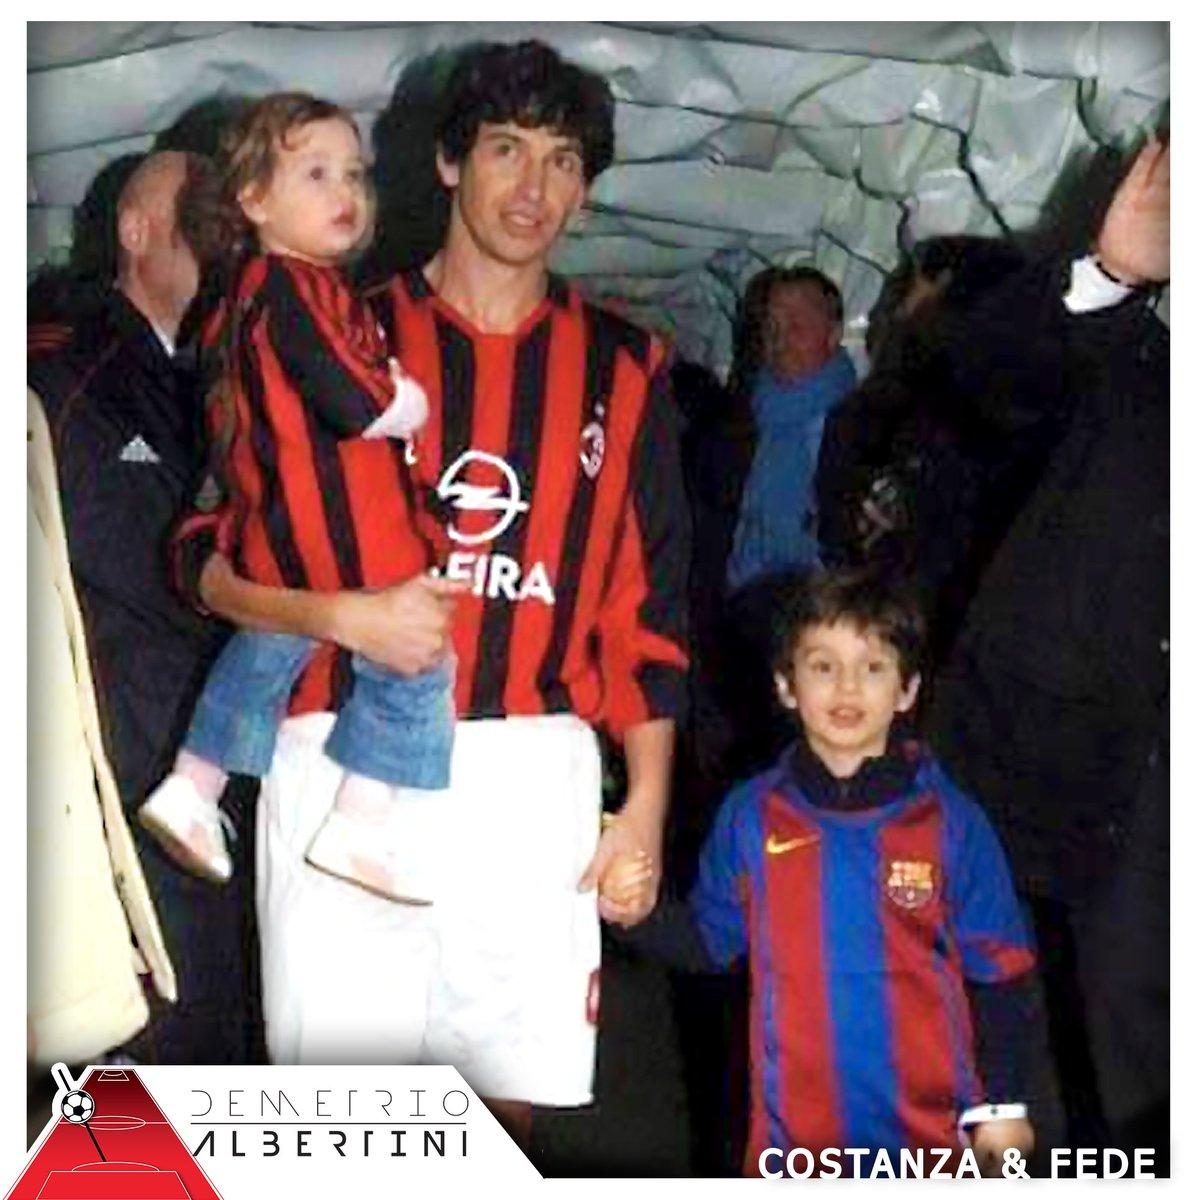 Accompagno i miei #figli verso i loro #sogni... #futuro#MyWay  #NotteDiStelle 2006 #Albertini #Milan #Barcellona  - Ukustom